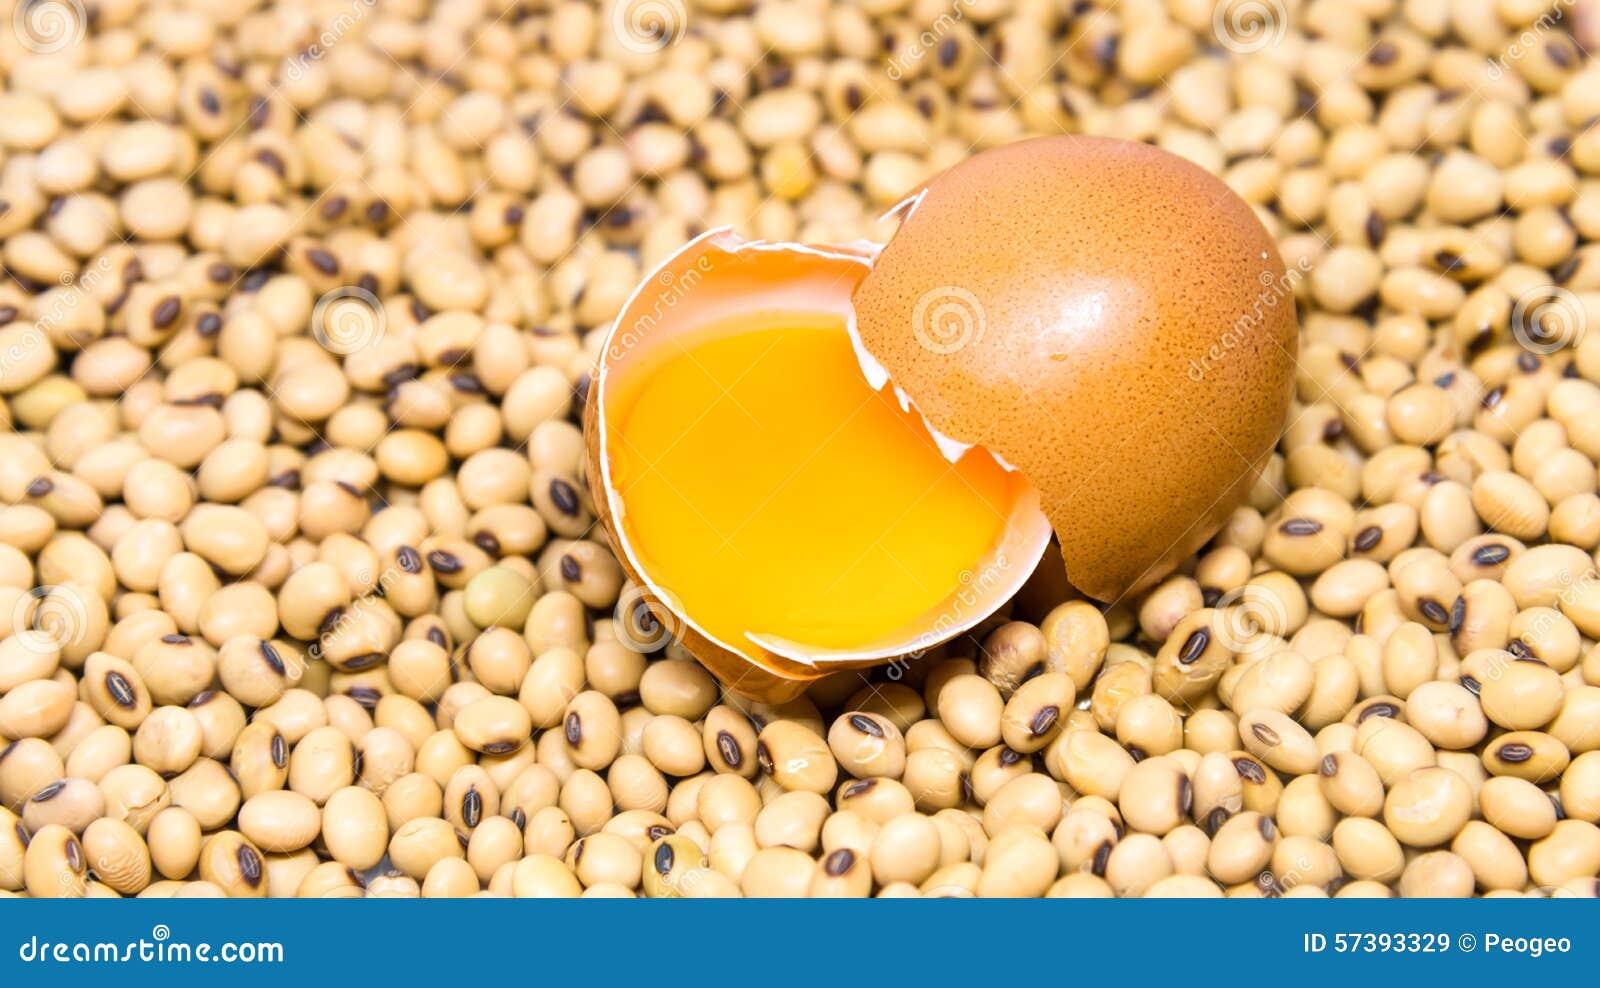 Ei op de achtergrond van sojabonen